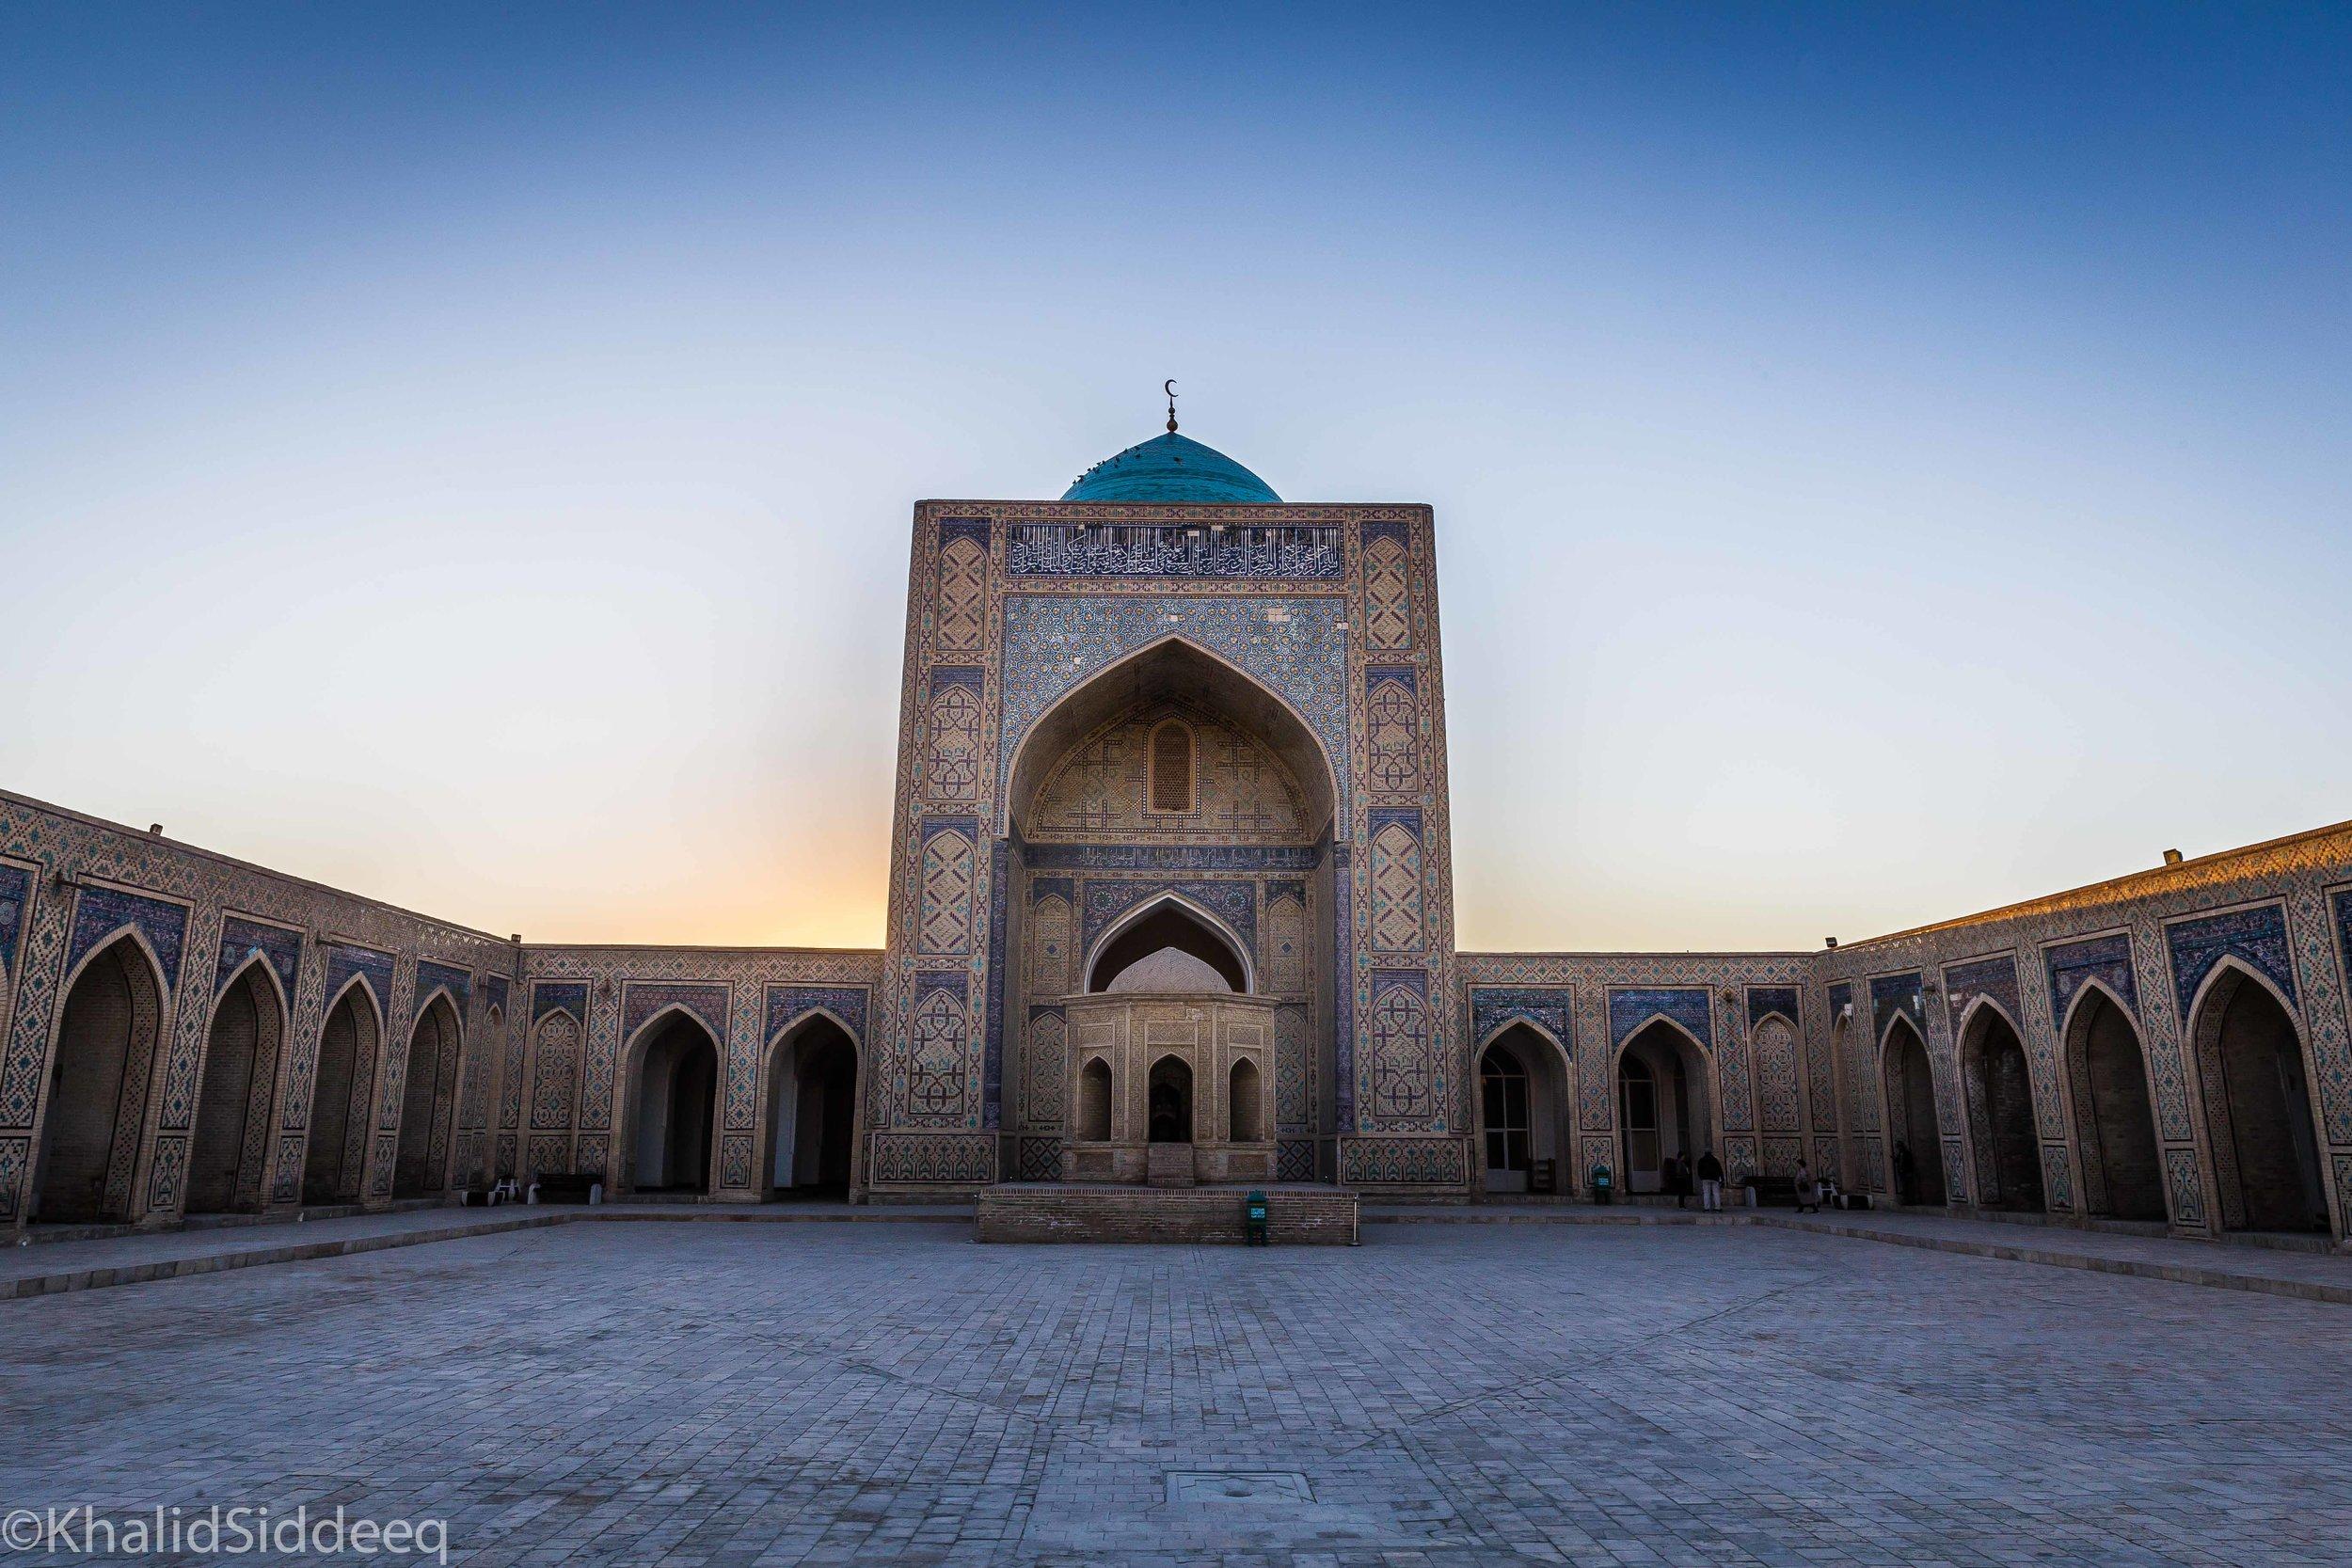 مسجد كلان، بخارى، أوزباكستان